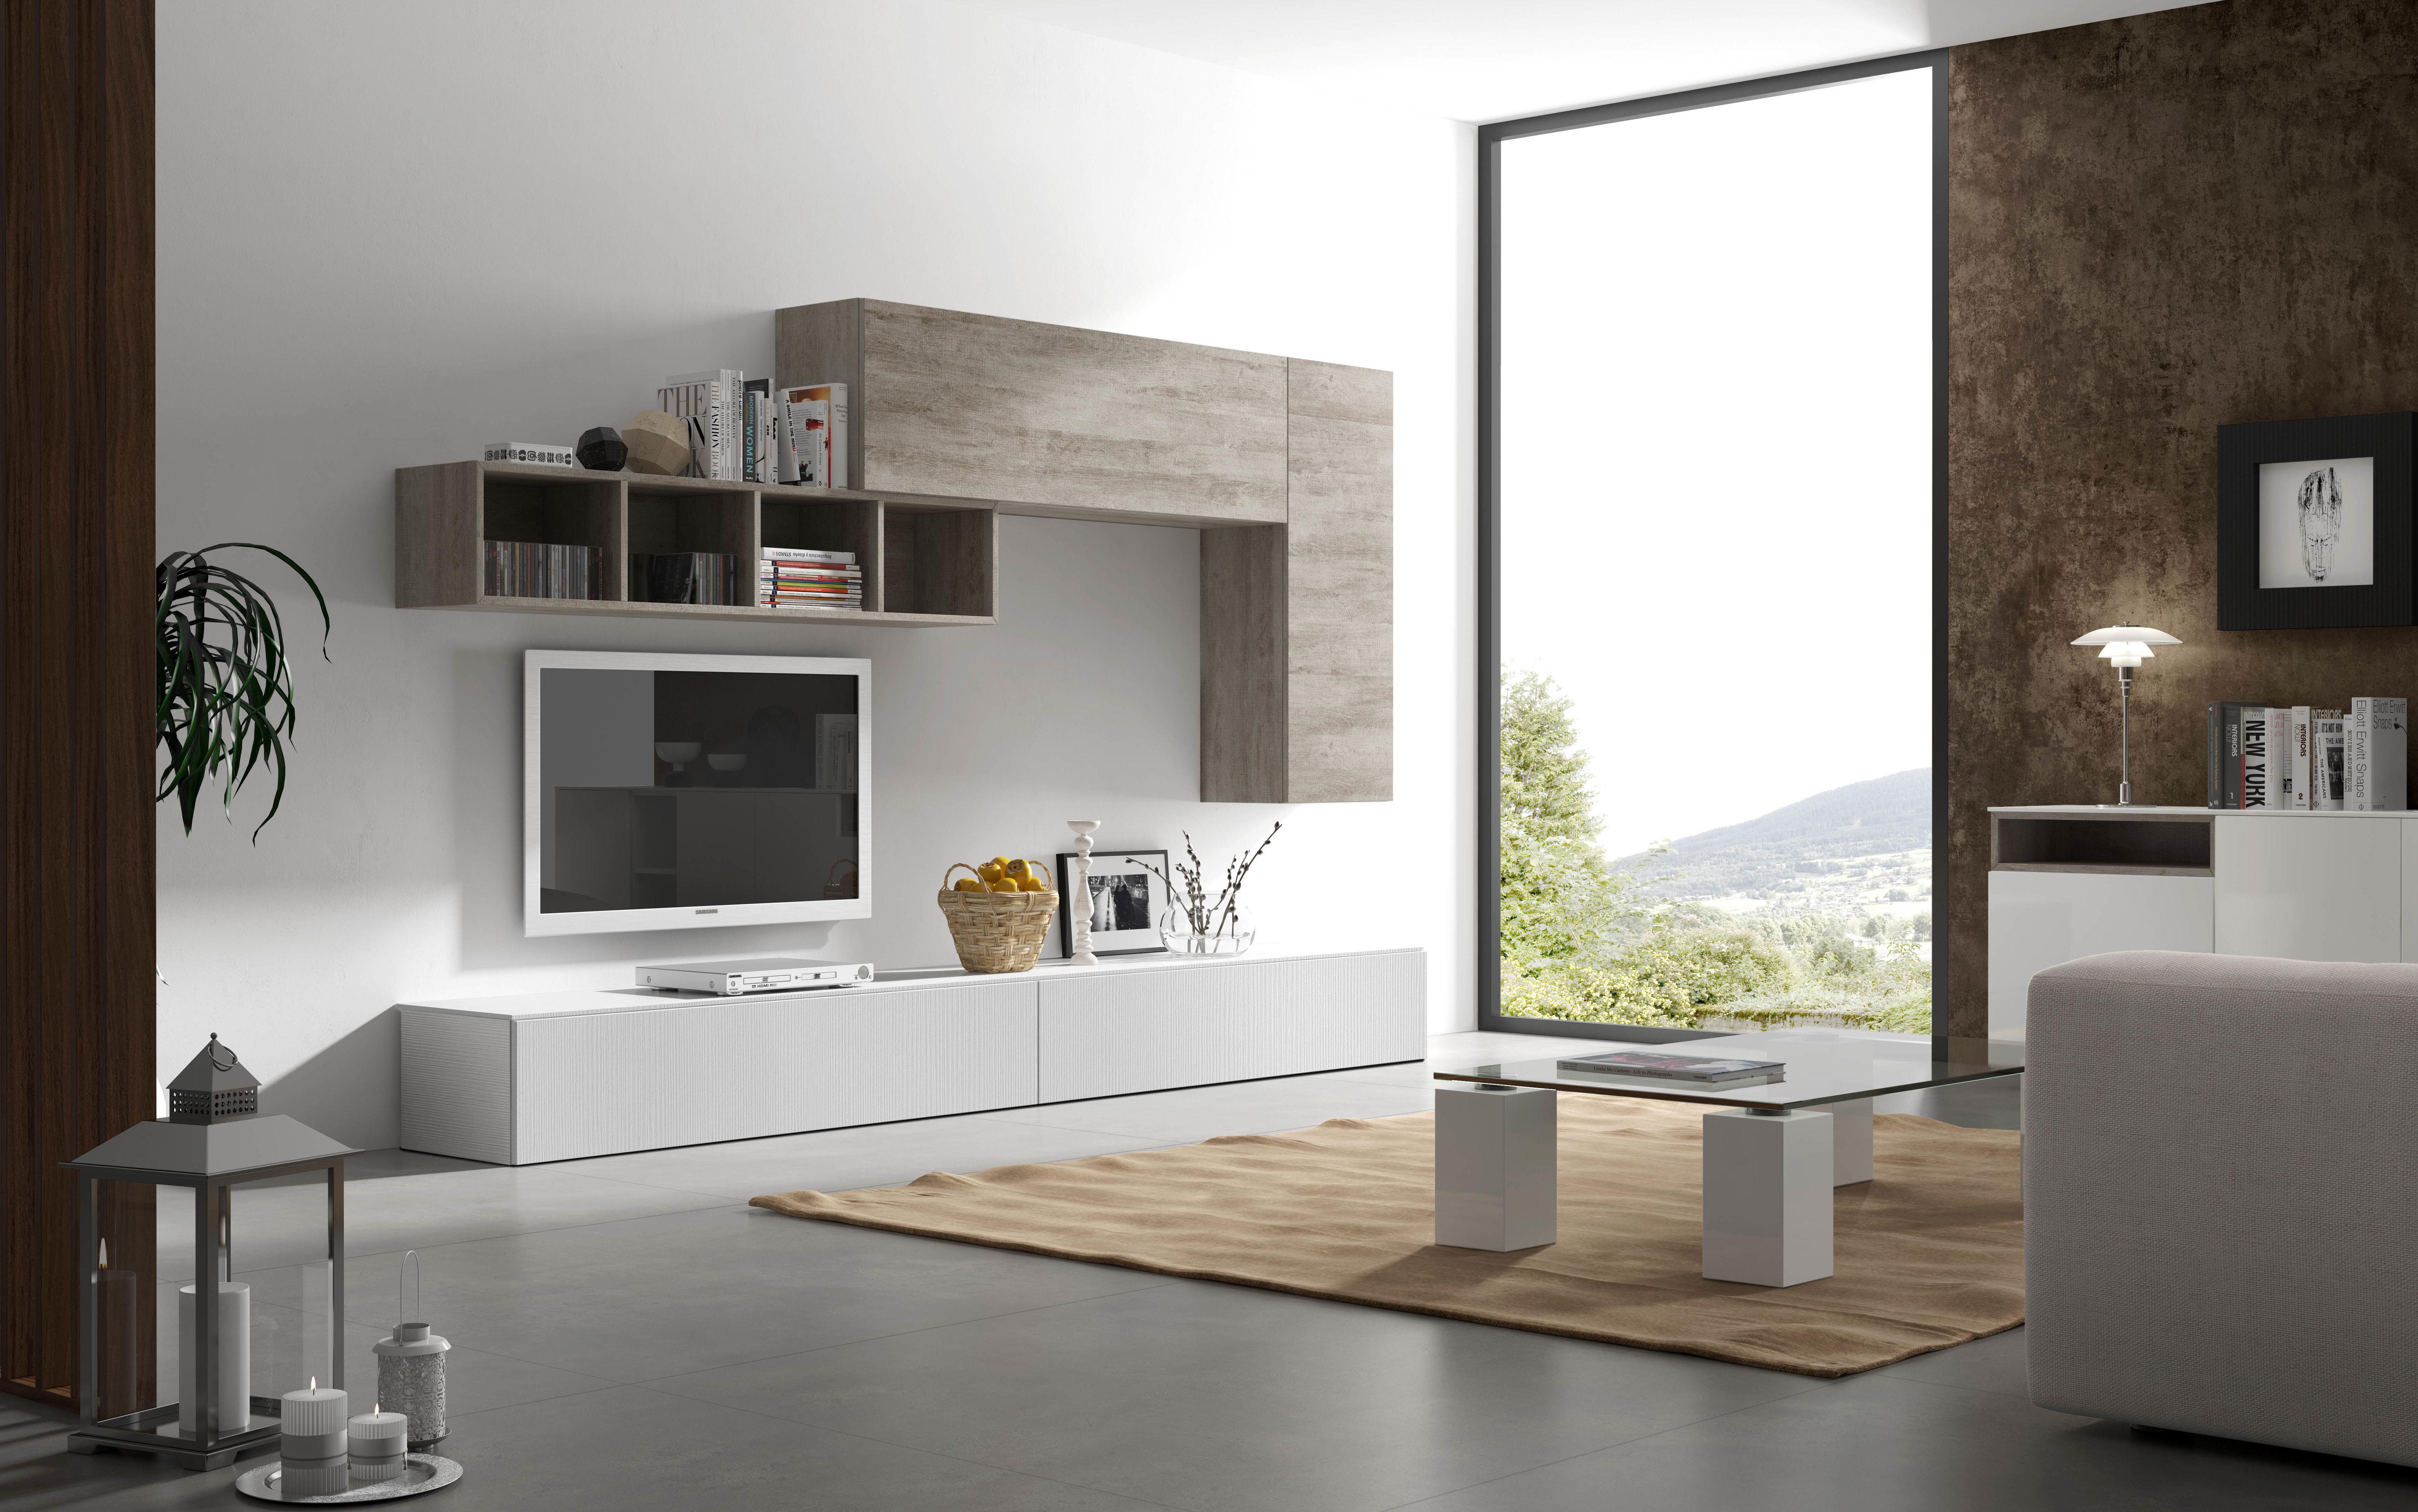 Muebles melibel salones cat logo de muebles y sof s de - Muebles y complementos ...